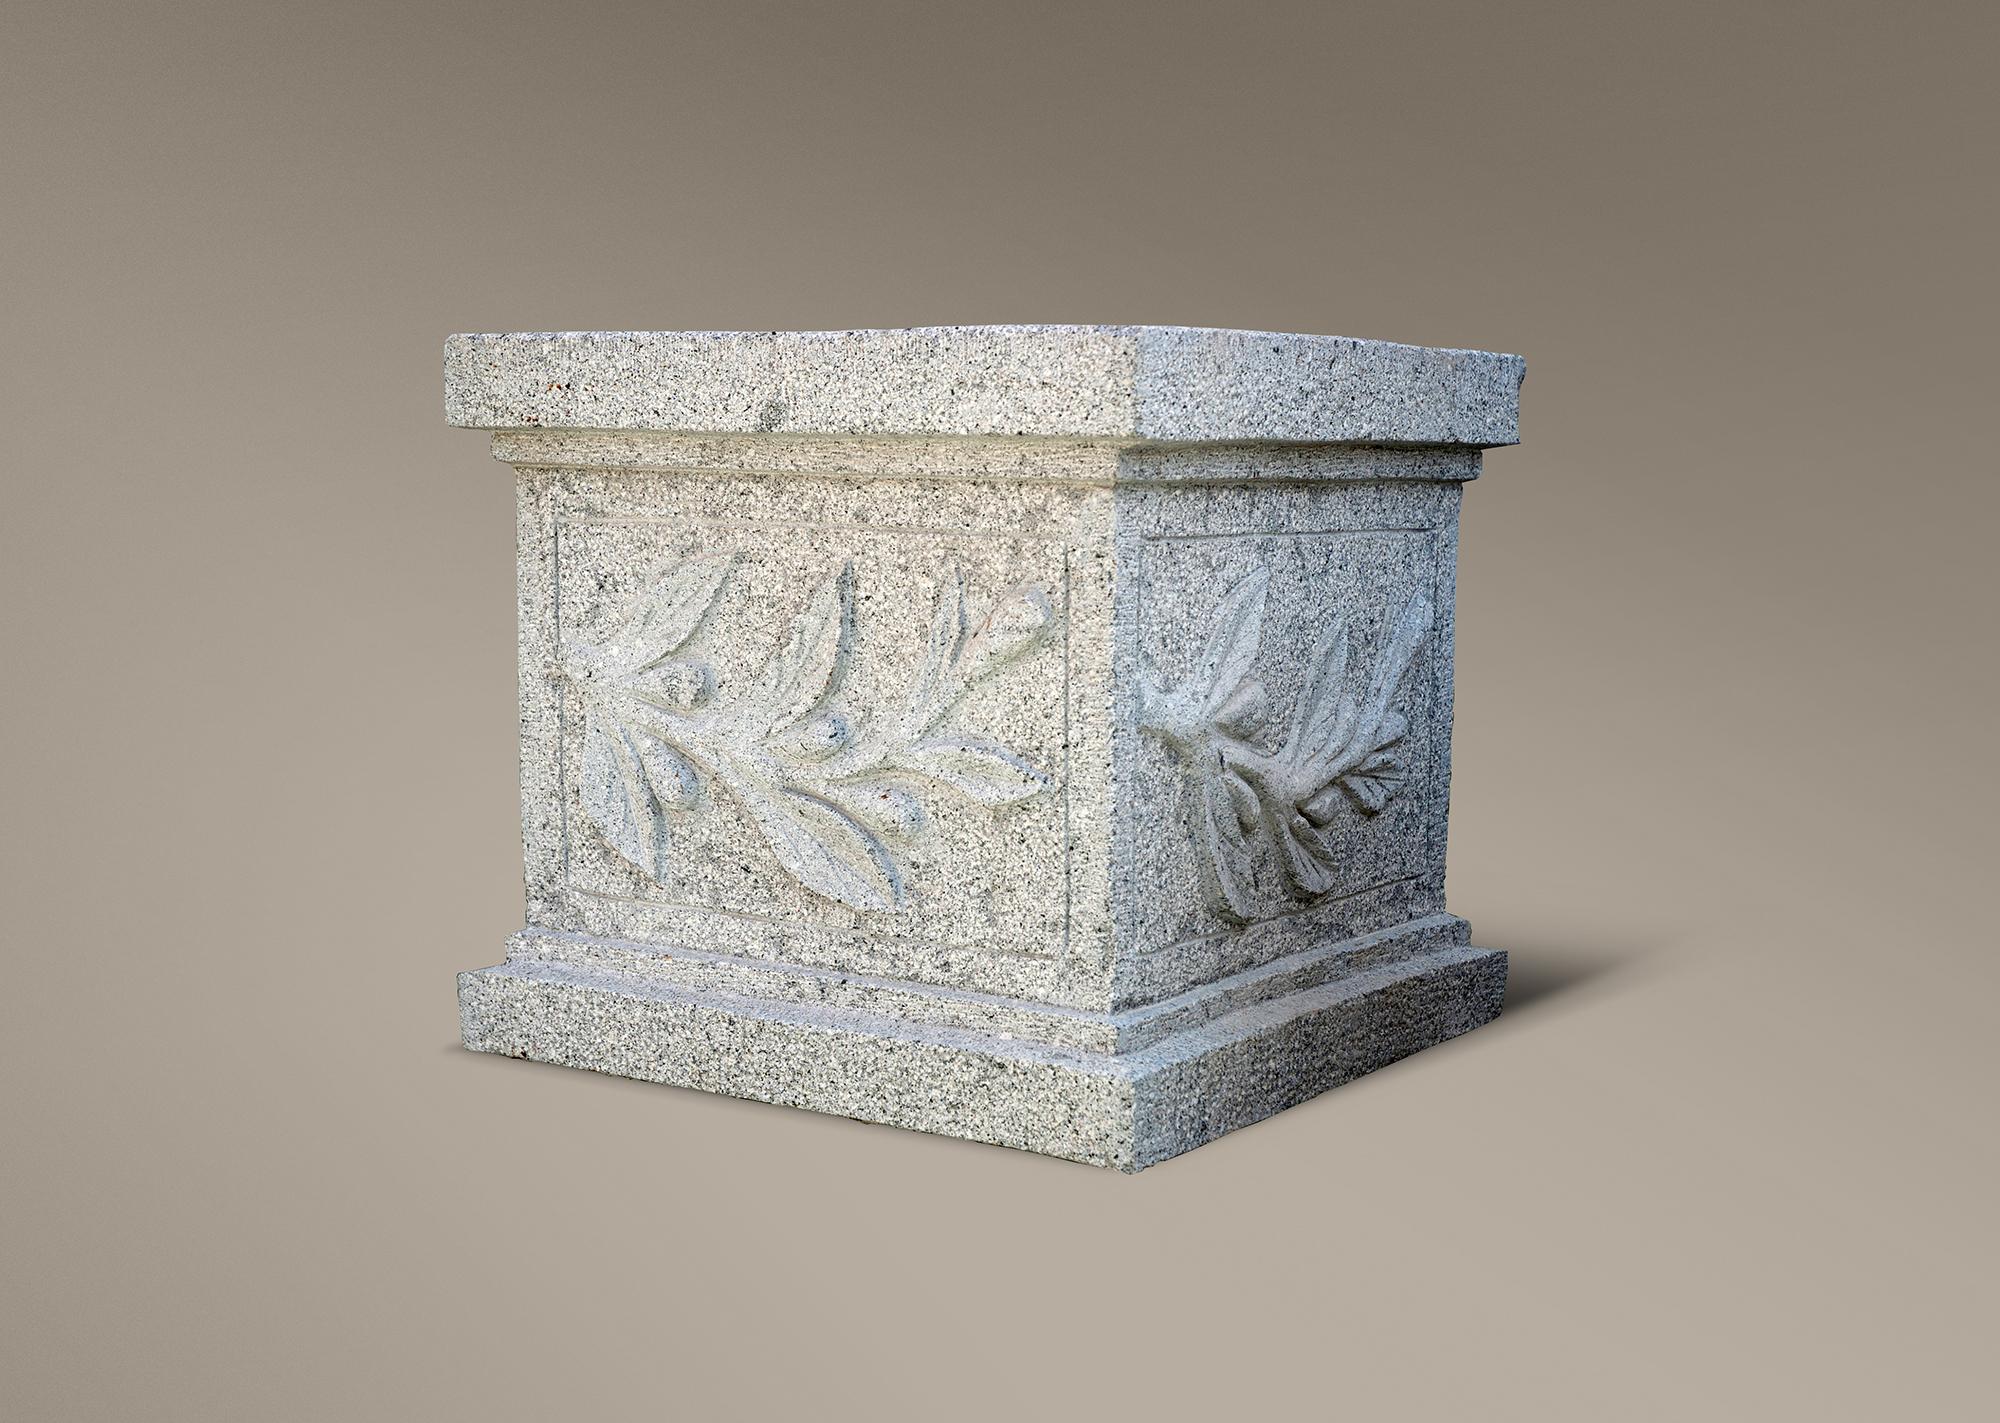 Jardinera con ornamentaci n elaborada en piedra natural y for Granito en piedra